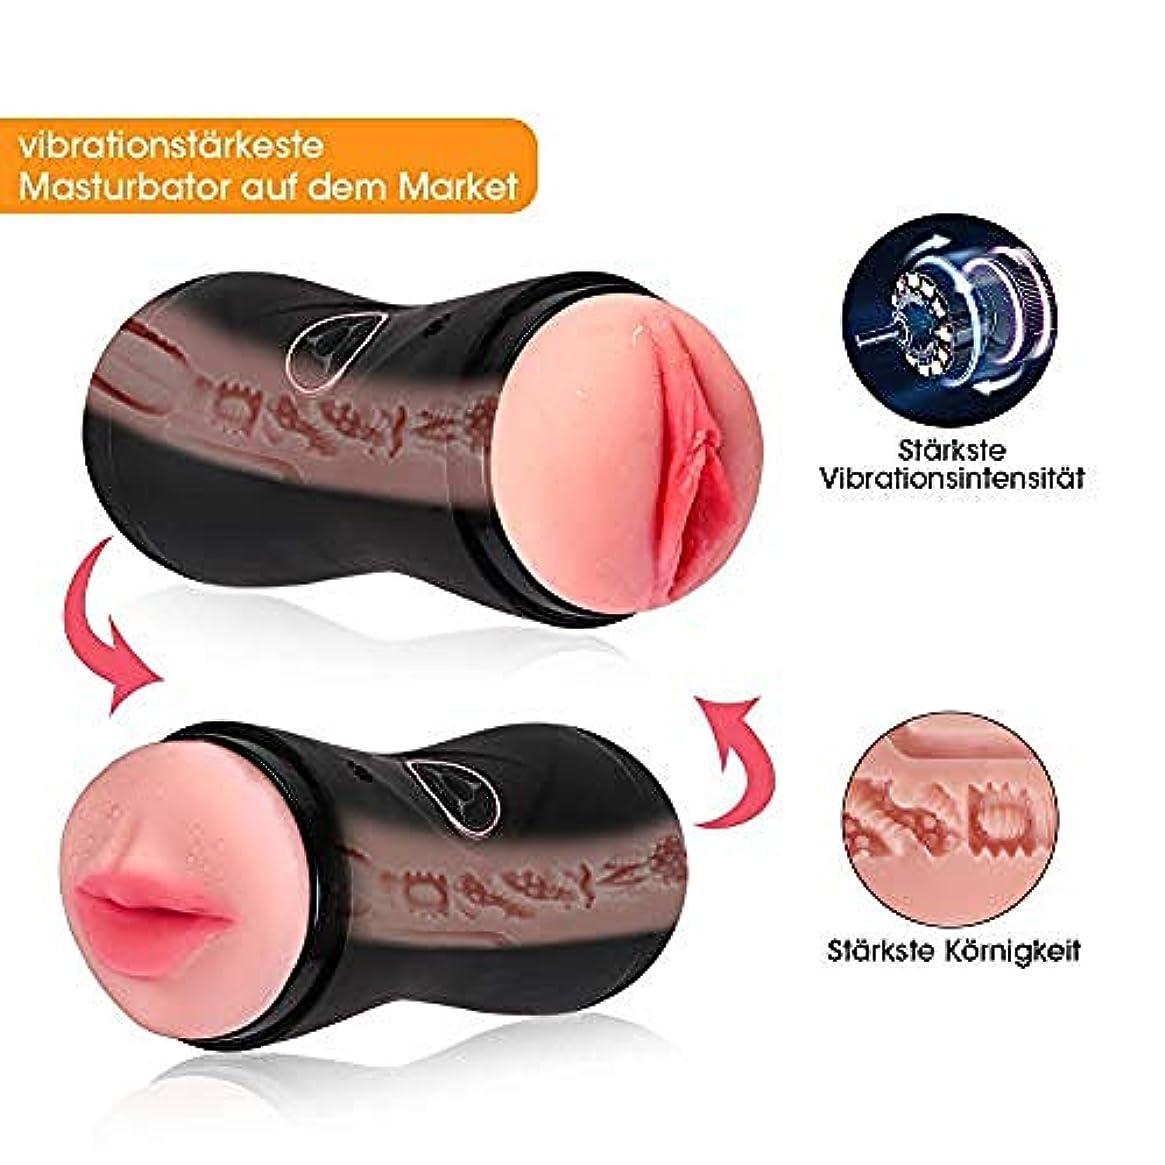 緯度分析的な信じる10の振動モードと音声を備えた男性用電気カップオナホール